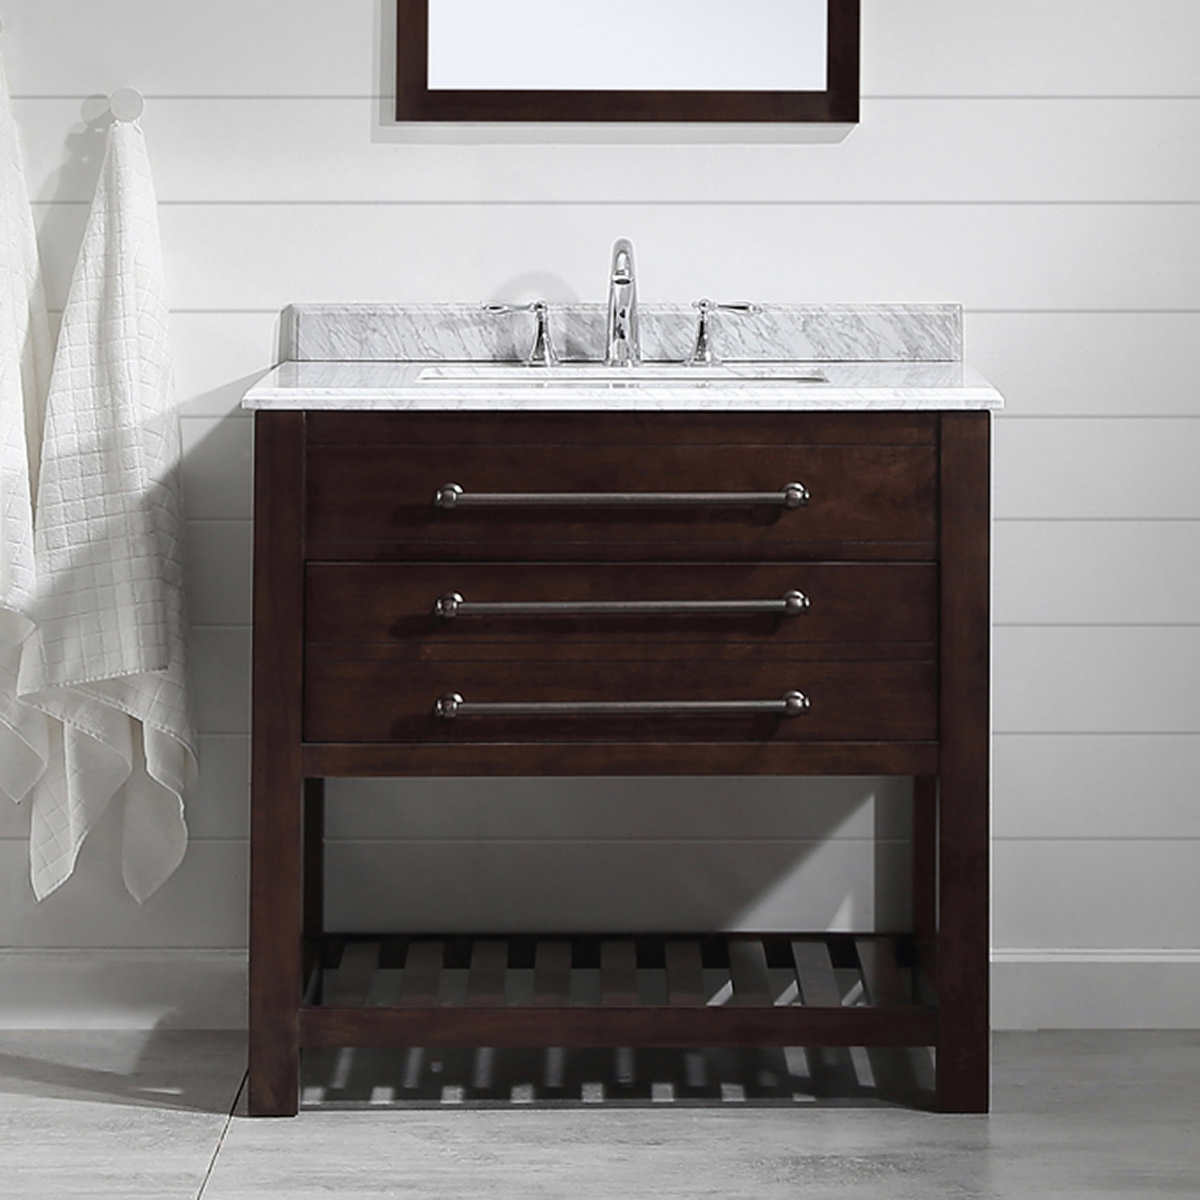 Floating bathroom vanity canada - Ove Harry 36 In Bathroom Vanity In Java Brown With Carrara Marble Countertop